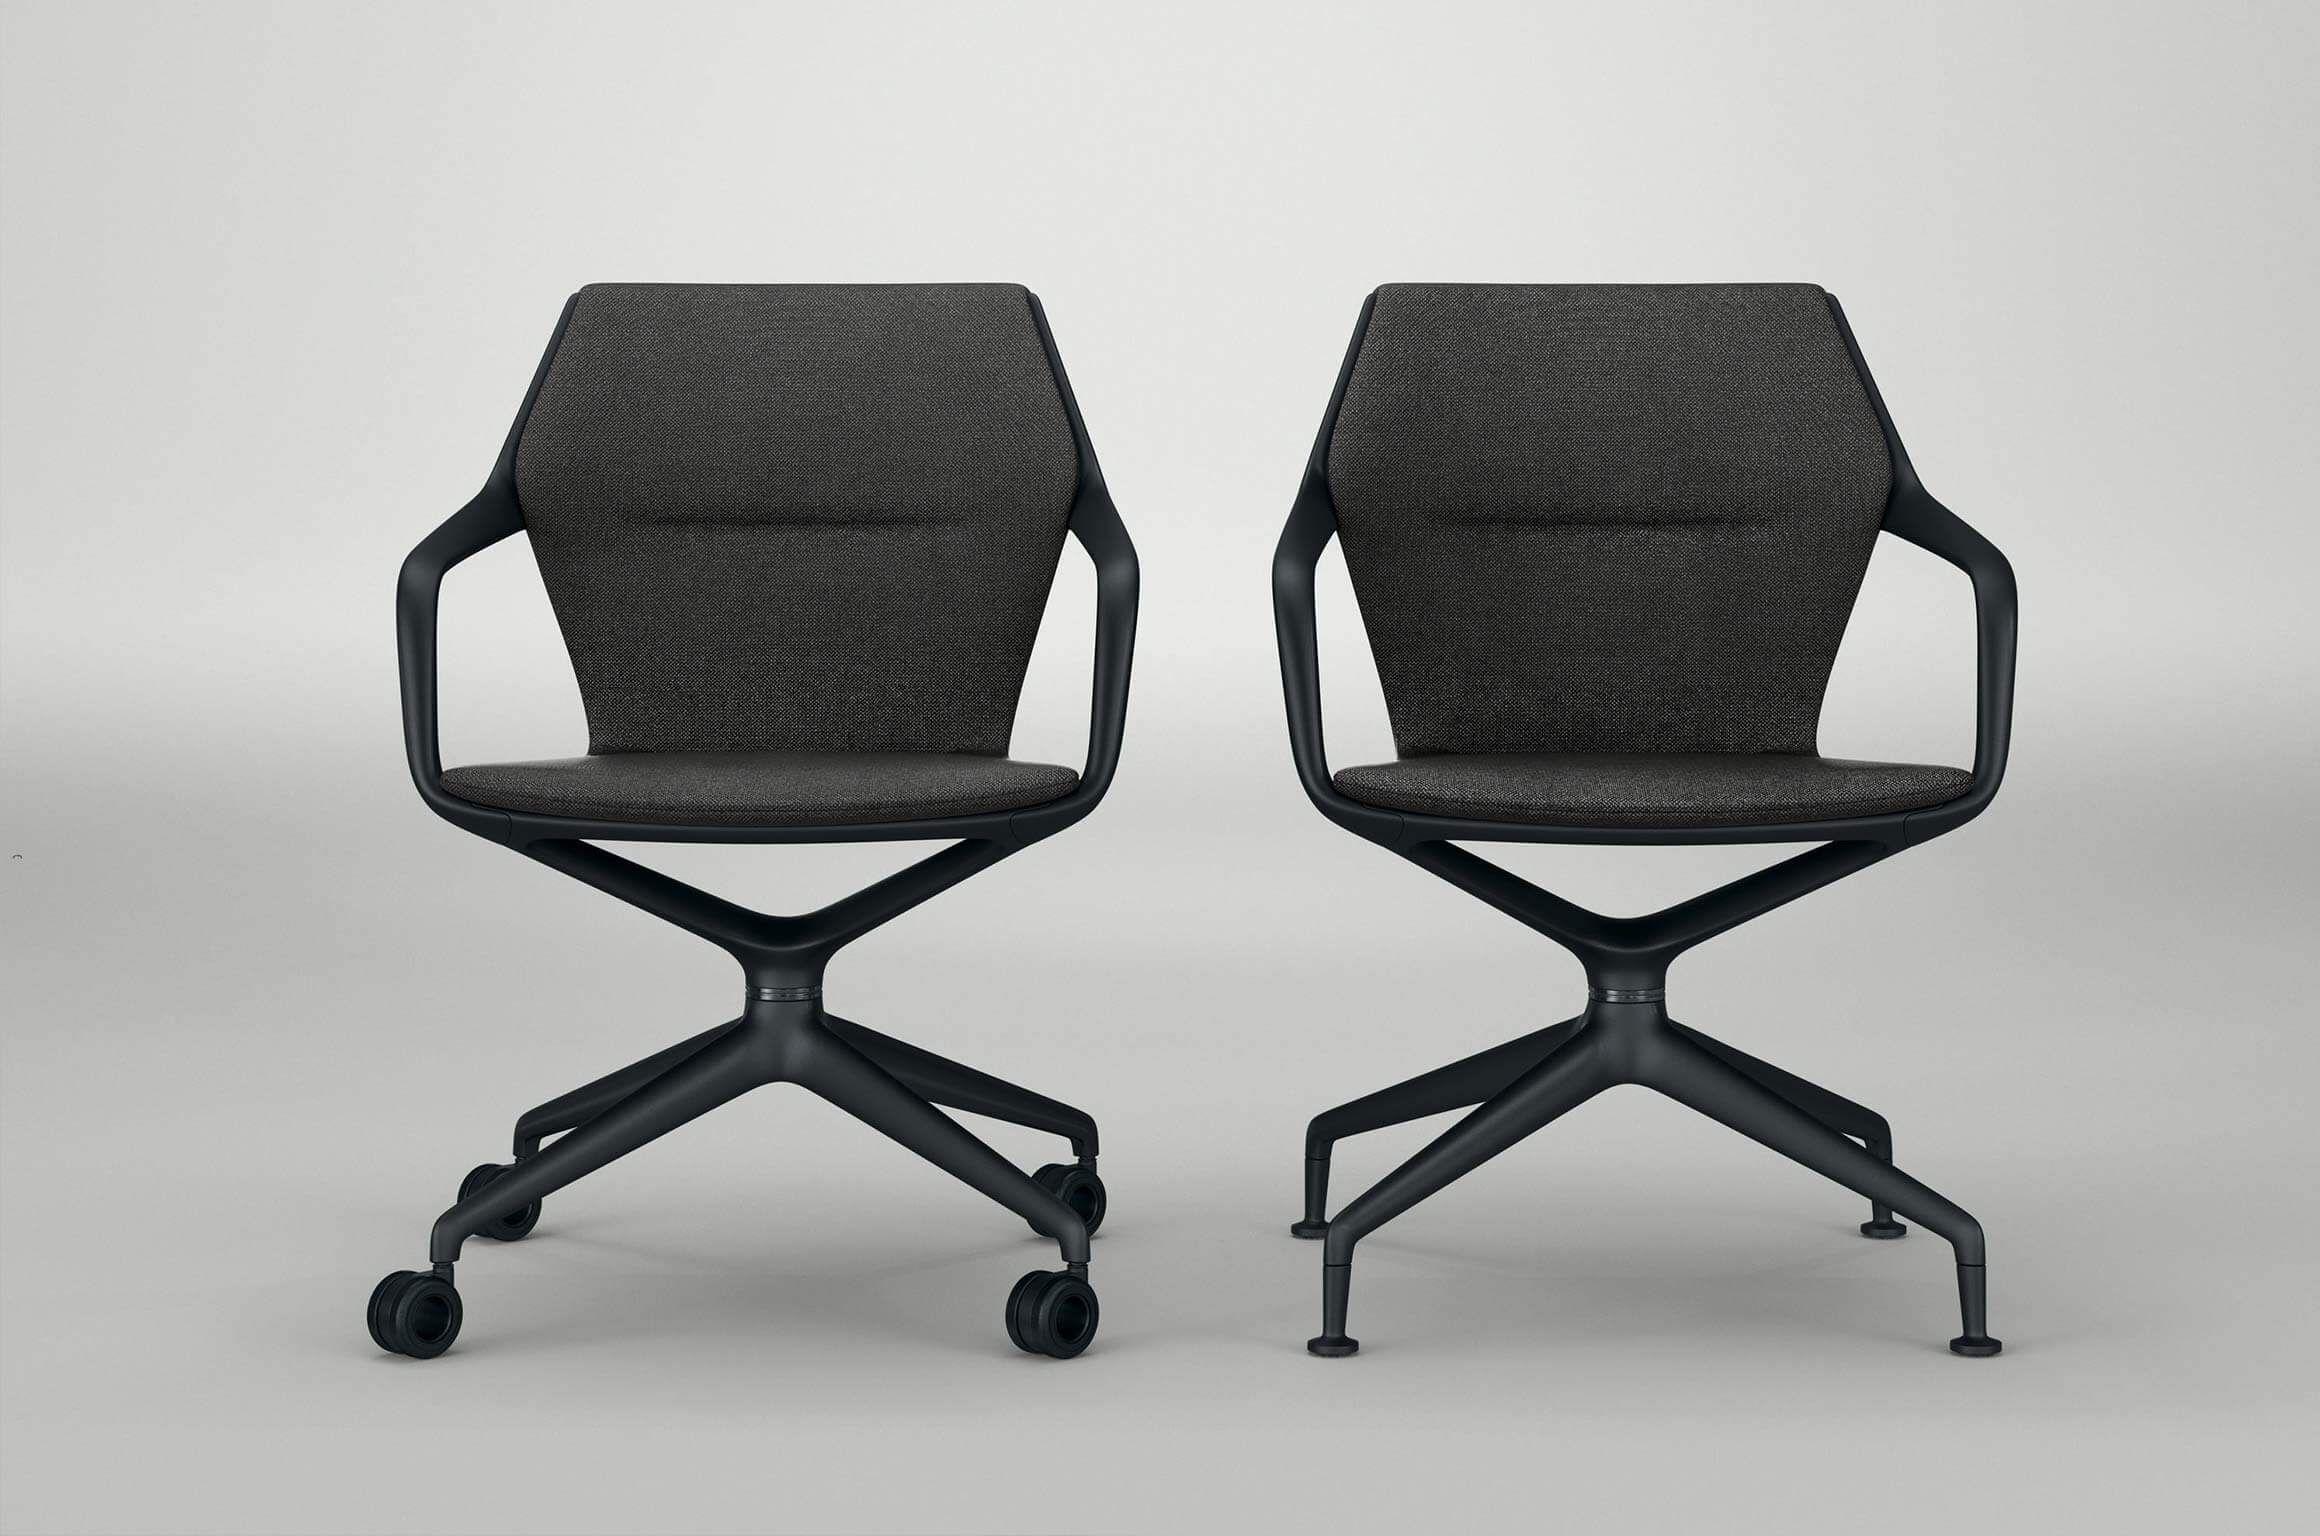 Brunner Ray Chair   VERGADER.   Pinterest